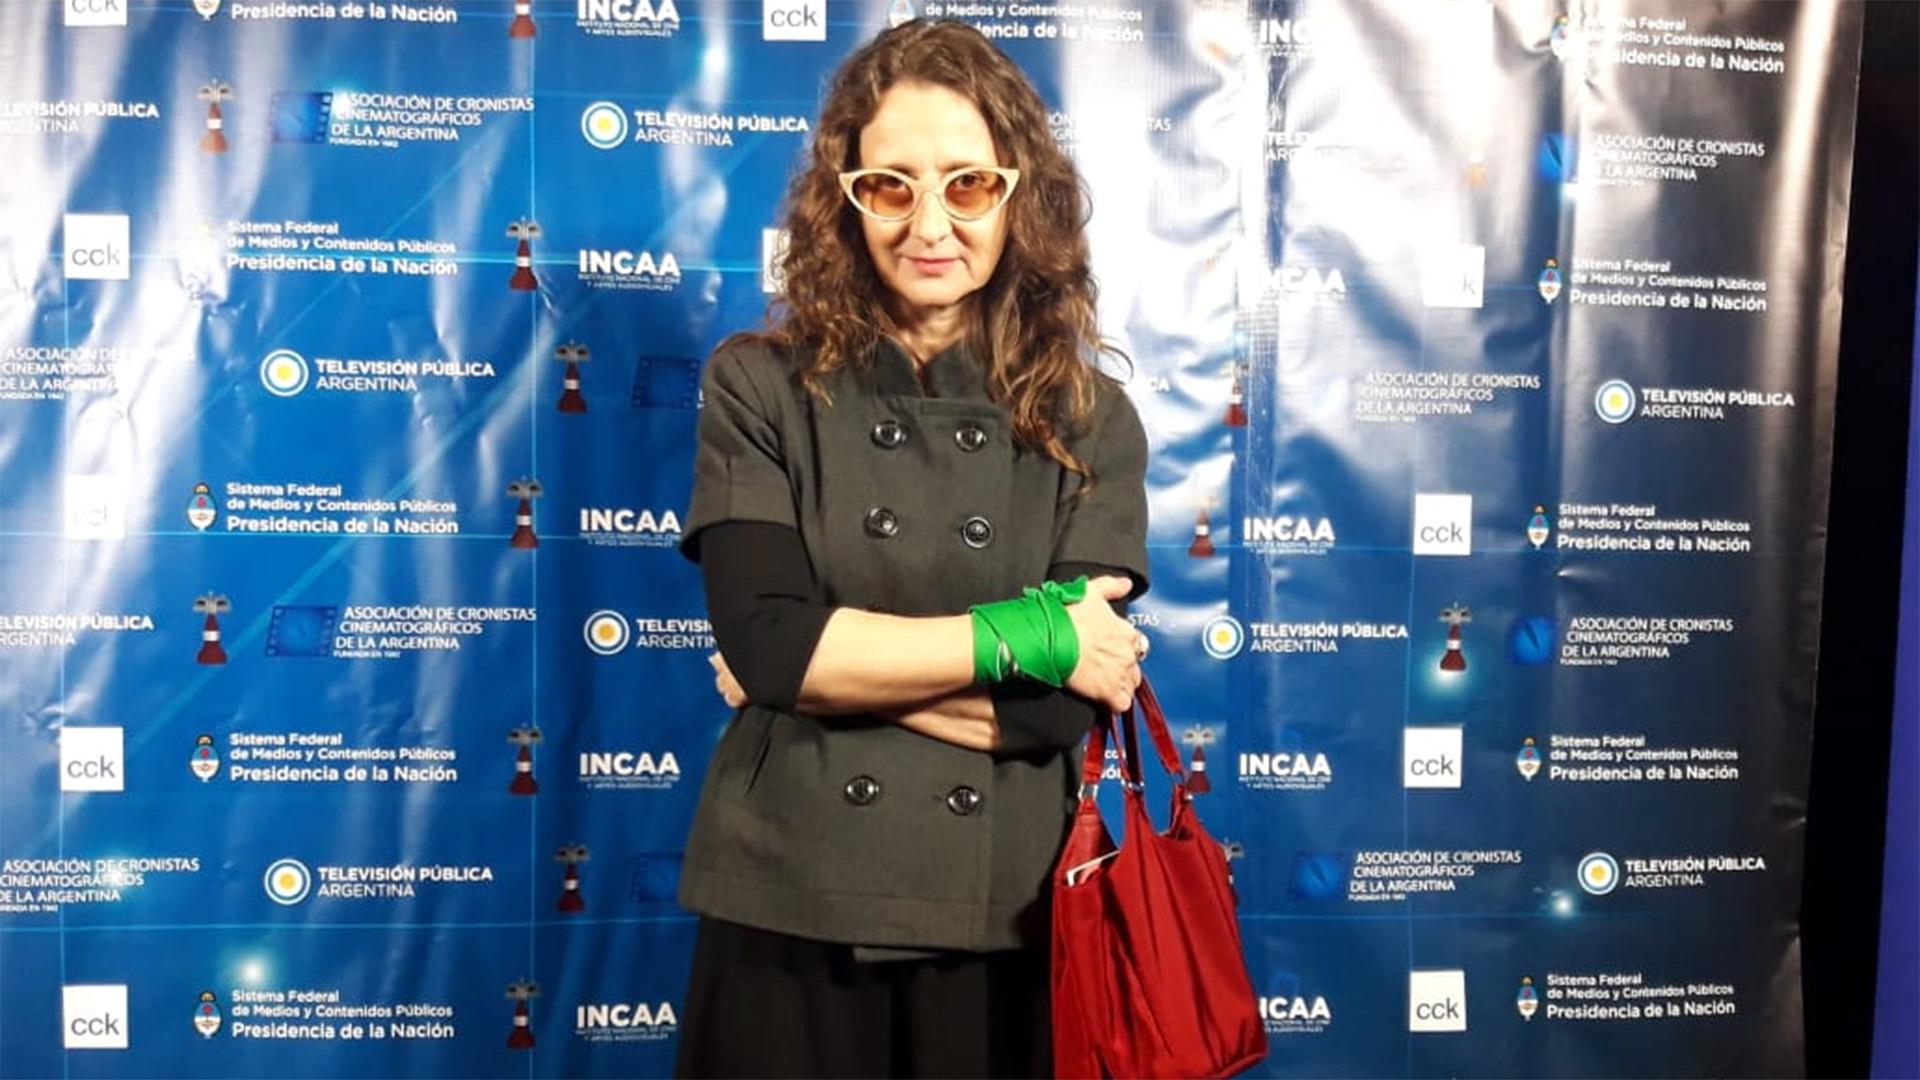 """Lucrecia Martel se ganó la estuilla de Oro por """"Zama"""". Y se impuso en las ternas: Guión adaptado, Fotografía, Sonido, Diseño de vestuario, Diseño de arte, y Maquillaje y peluquería (@El_LadoG)"""